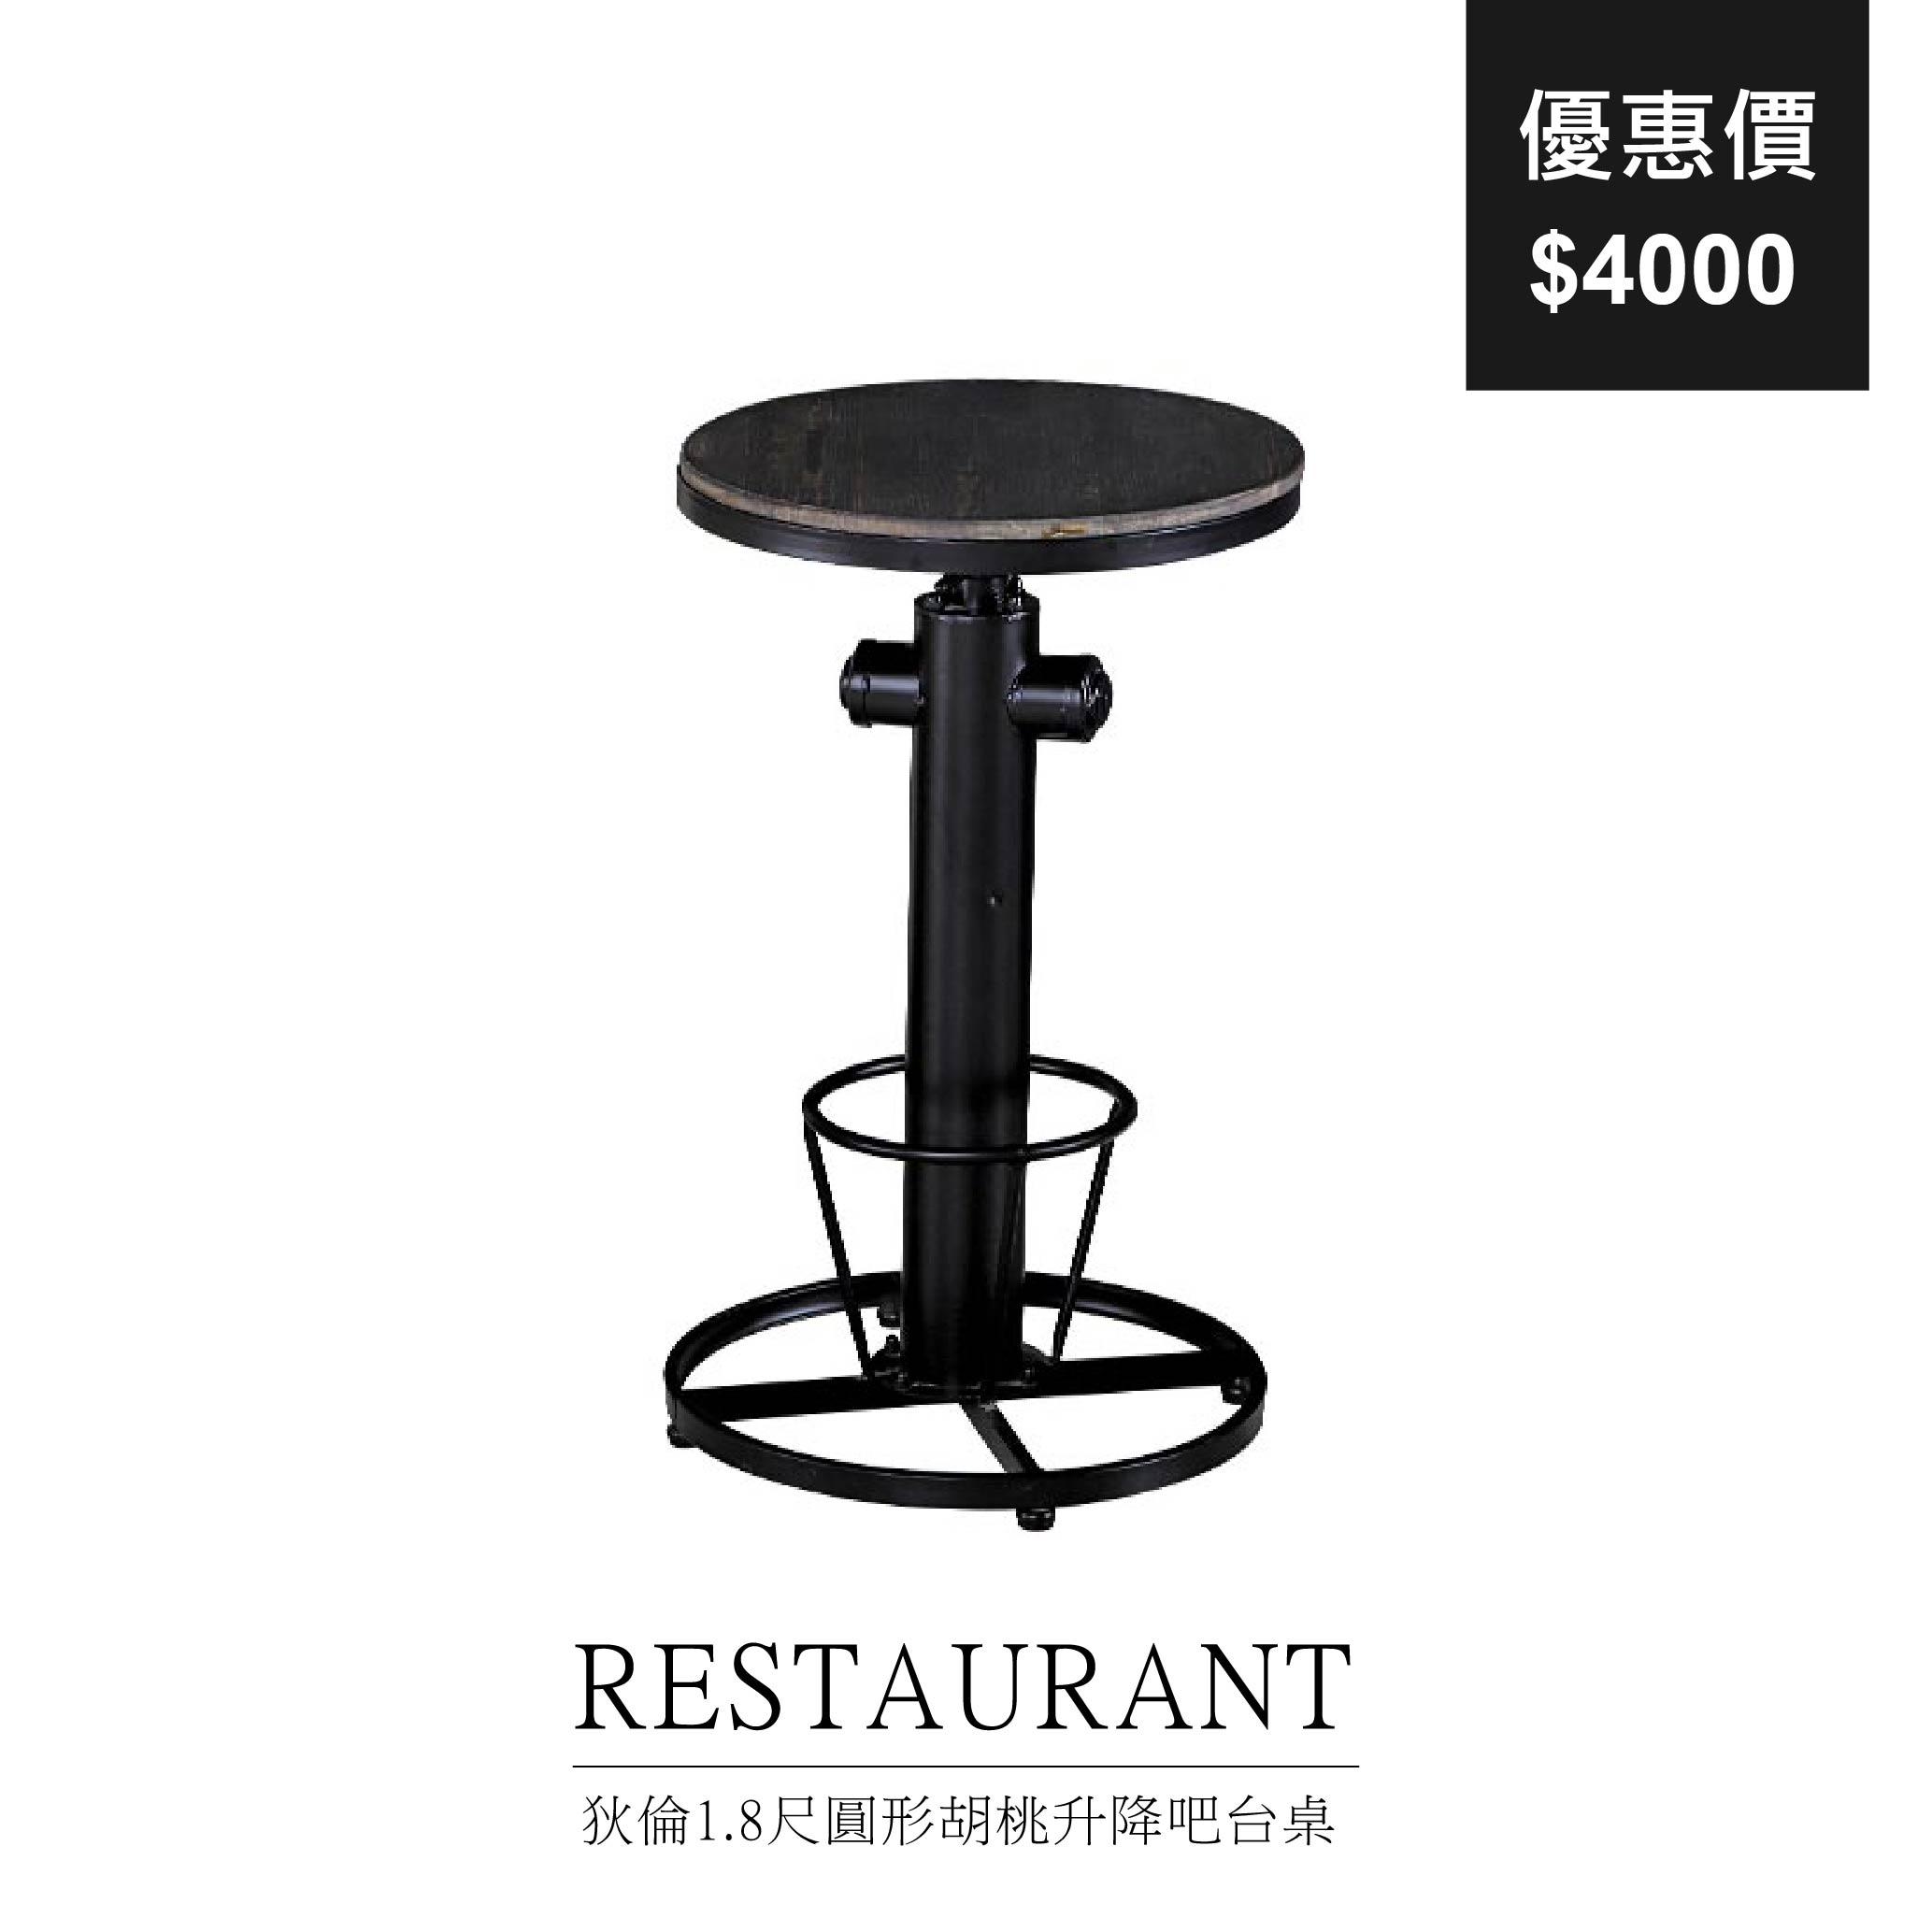 狄倫1.8尺圓形胡桃升降吧台桌